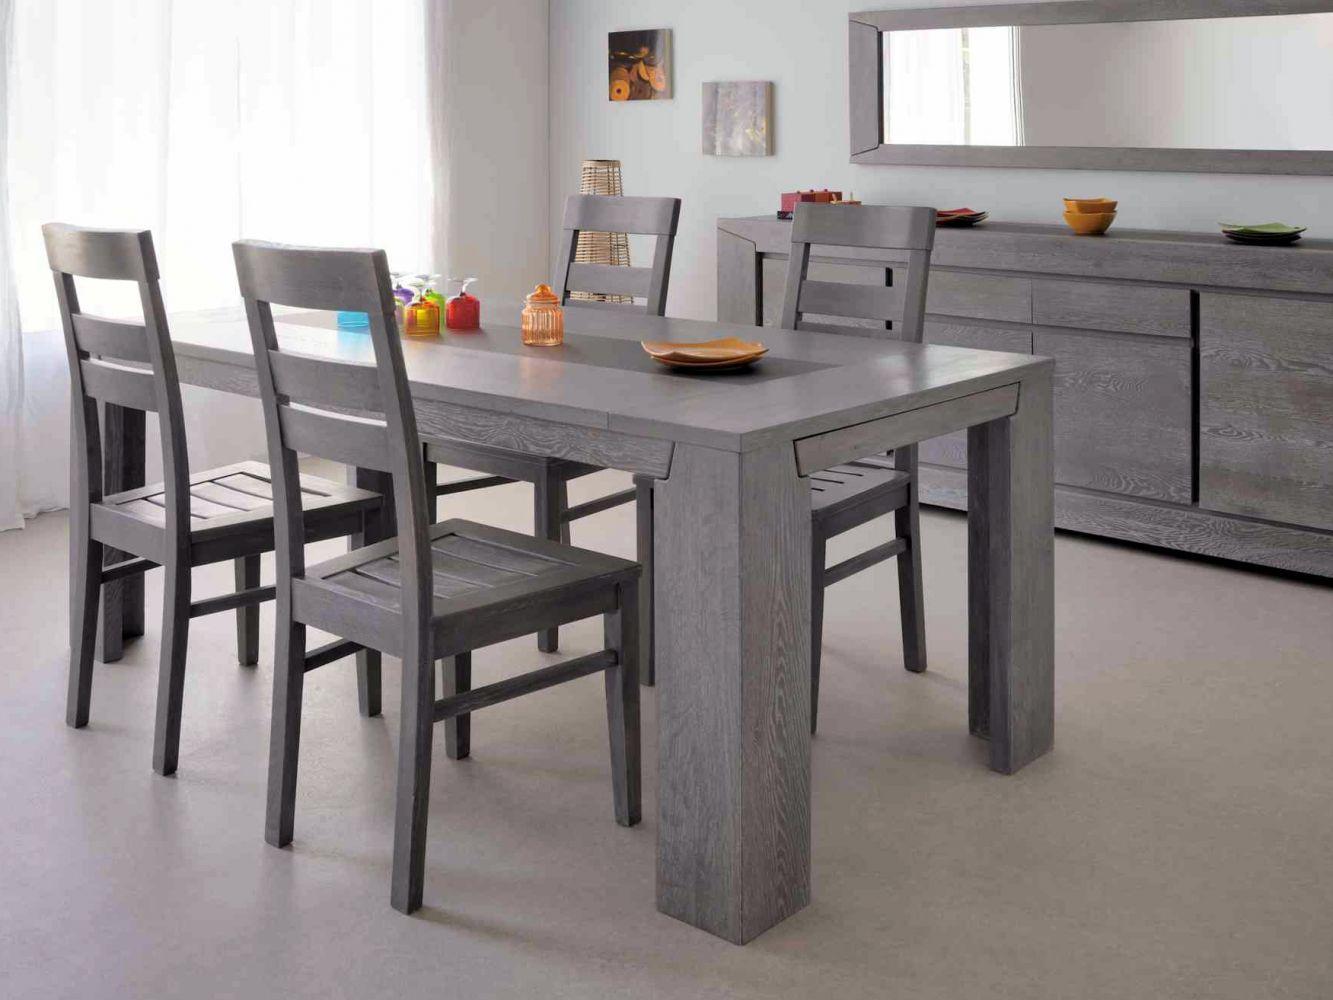 alinea chaises salle manger galerie et table avec chaise de cuisine alinea chaises salle manger galerie et table de cuisine of